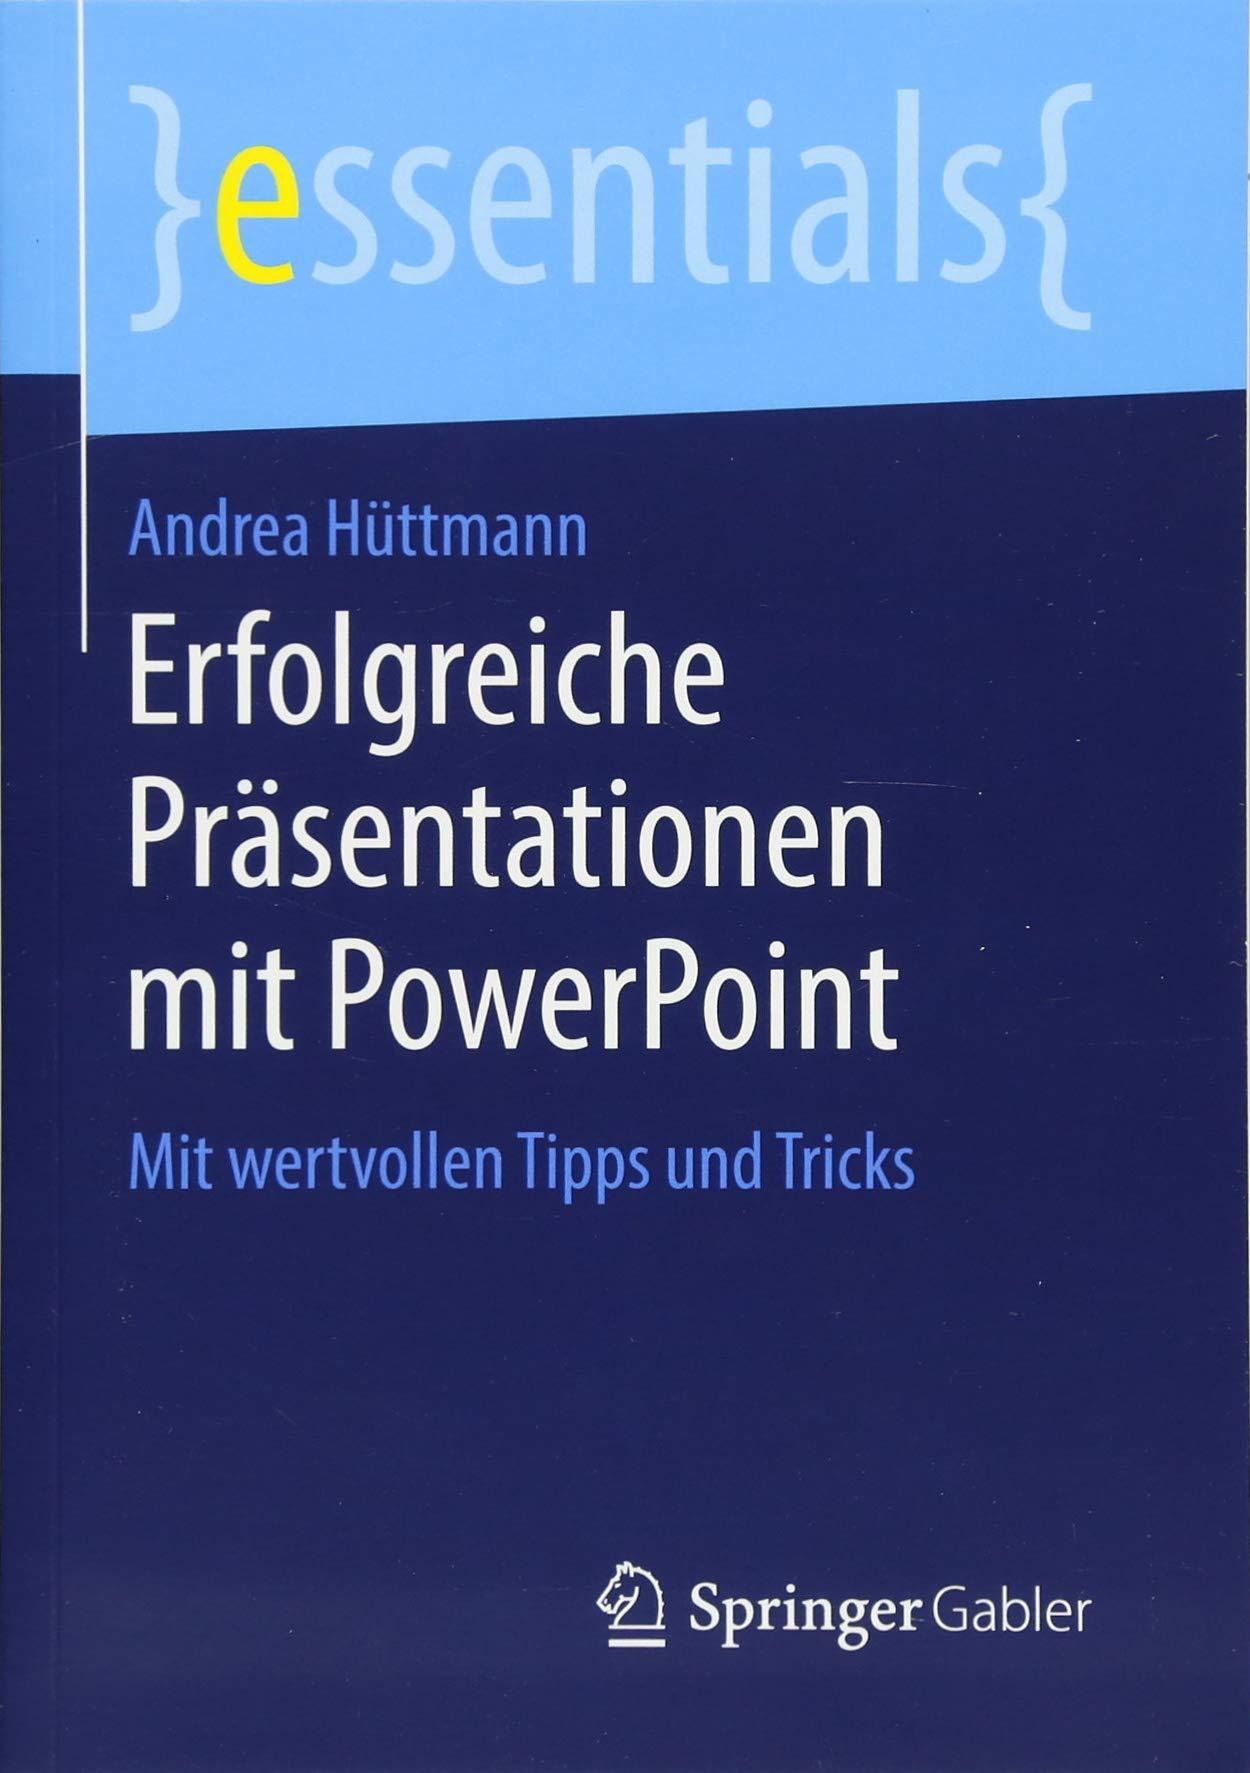 Erfolgreiche Präsentationen mit PowerPoint: Mit wertvollen Tipps und Tricks (essentials) Taschenbuch – 2. Juli 2018 Andrea Hüttmann Springer Gabler 3658221429 Wirtschaft / Allgemeines